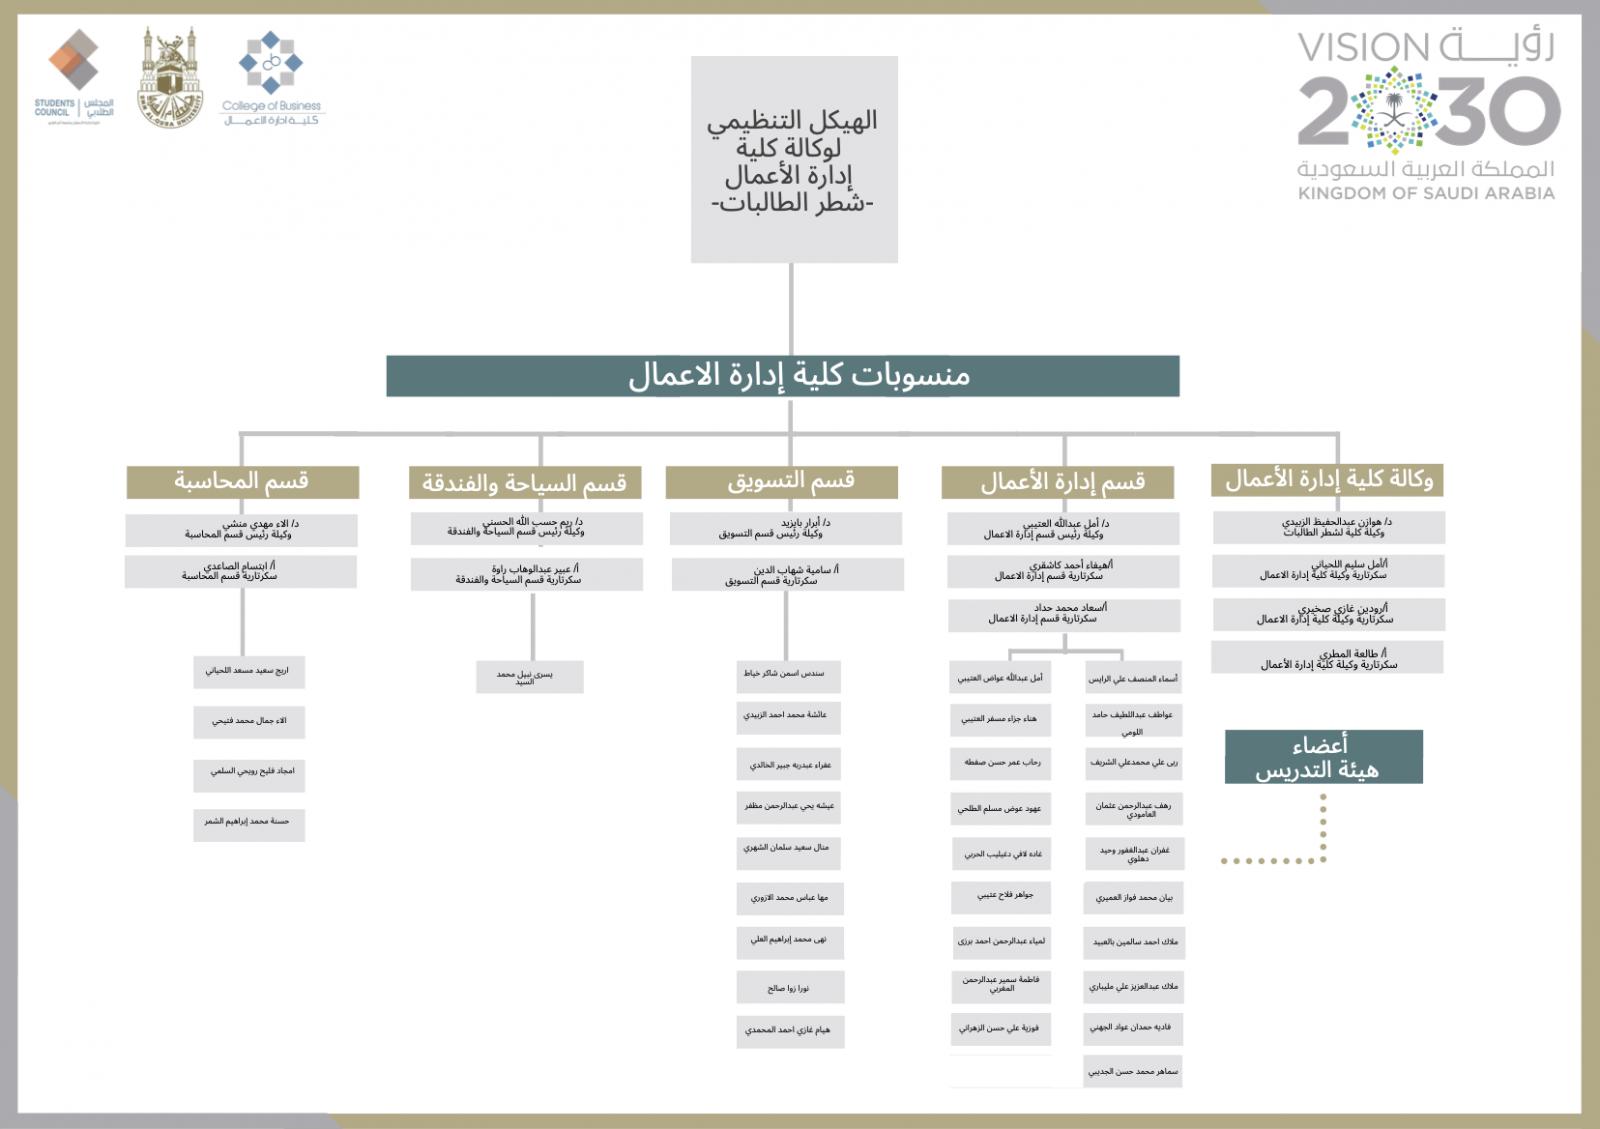 الهيكل التنظيمي لوكالة كلية إدارة الأعمال شطر الطالبات